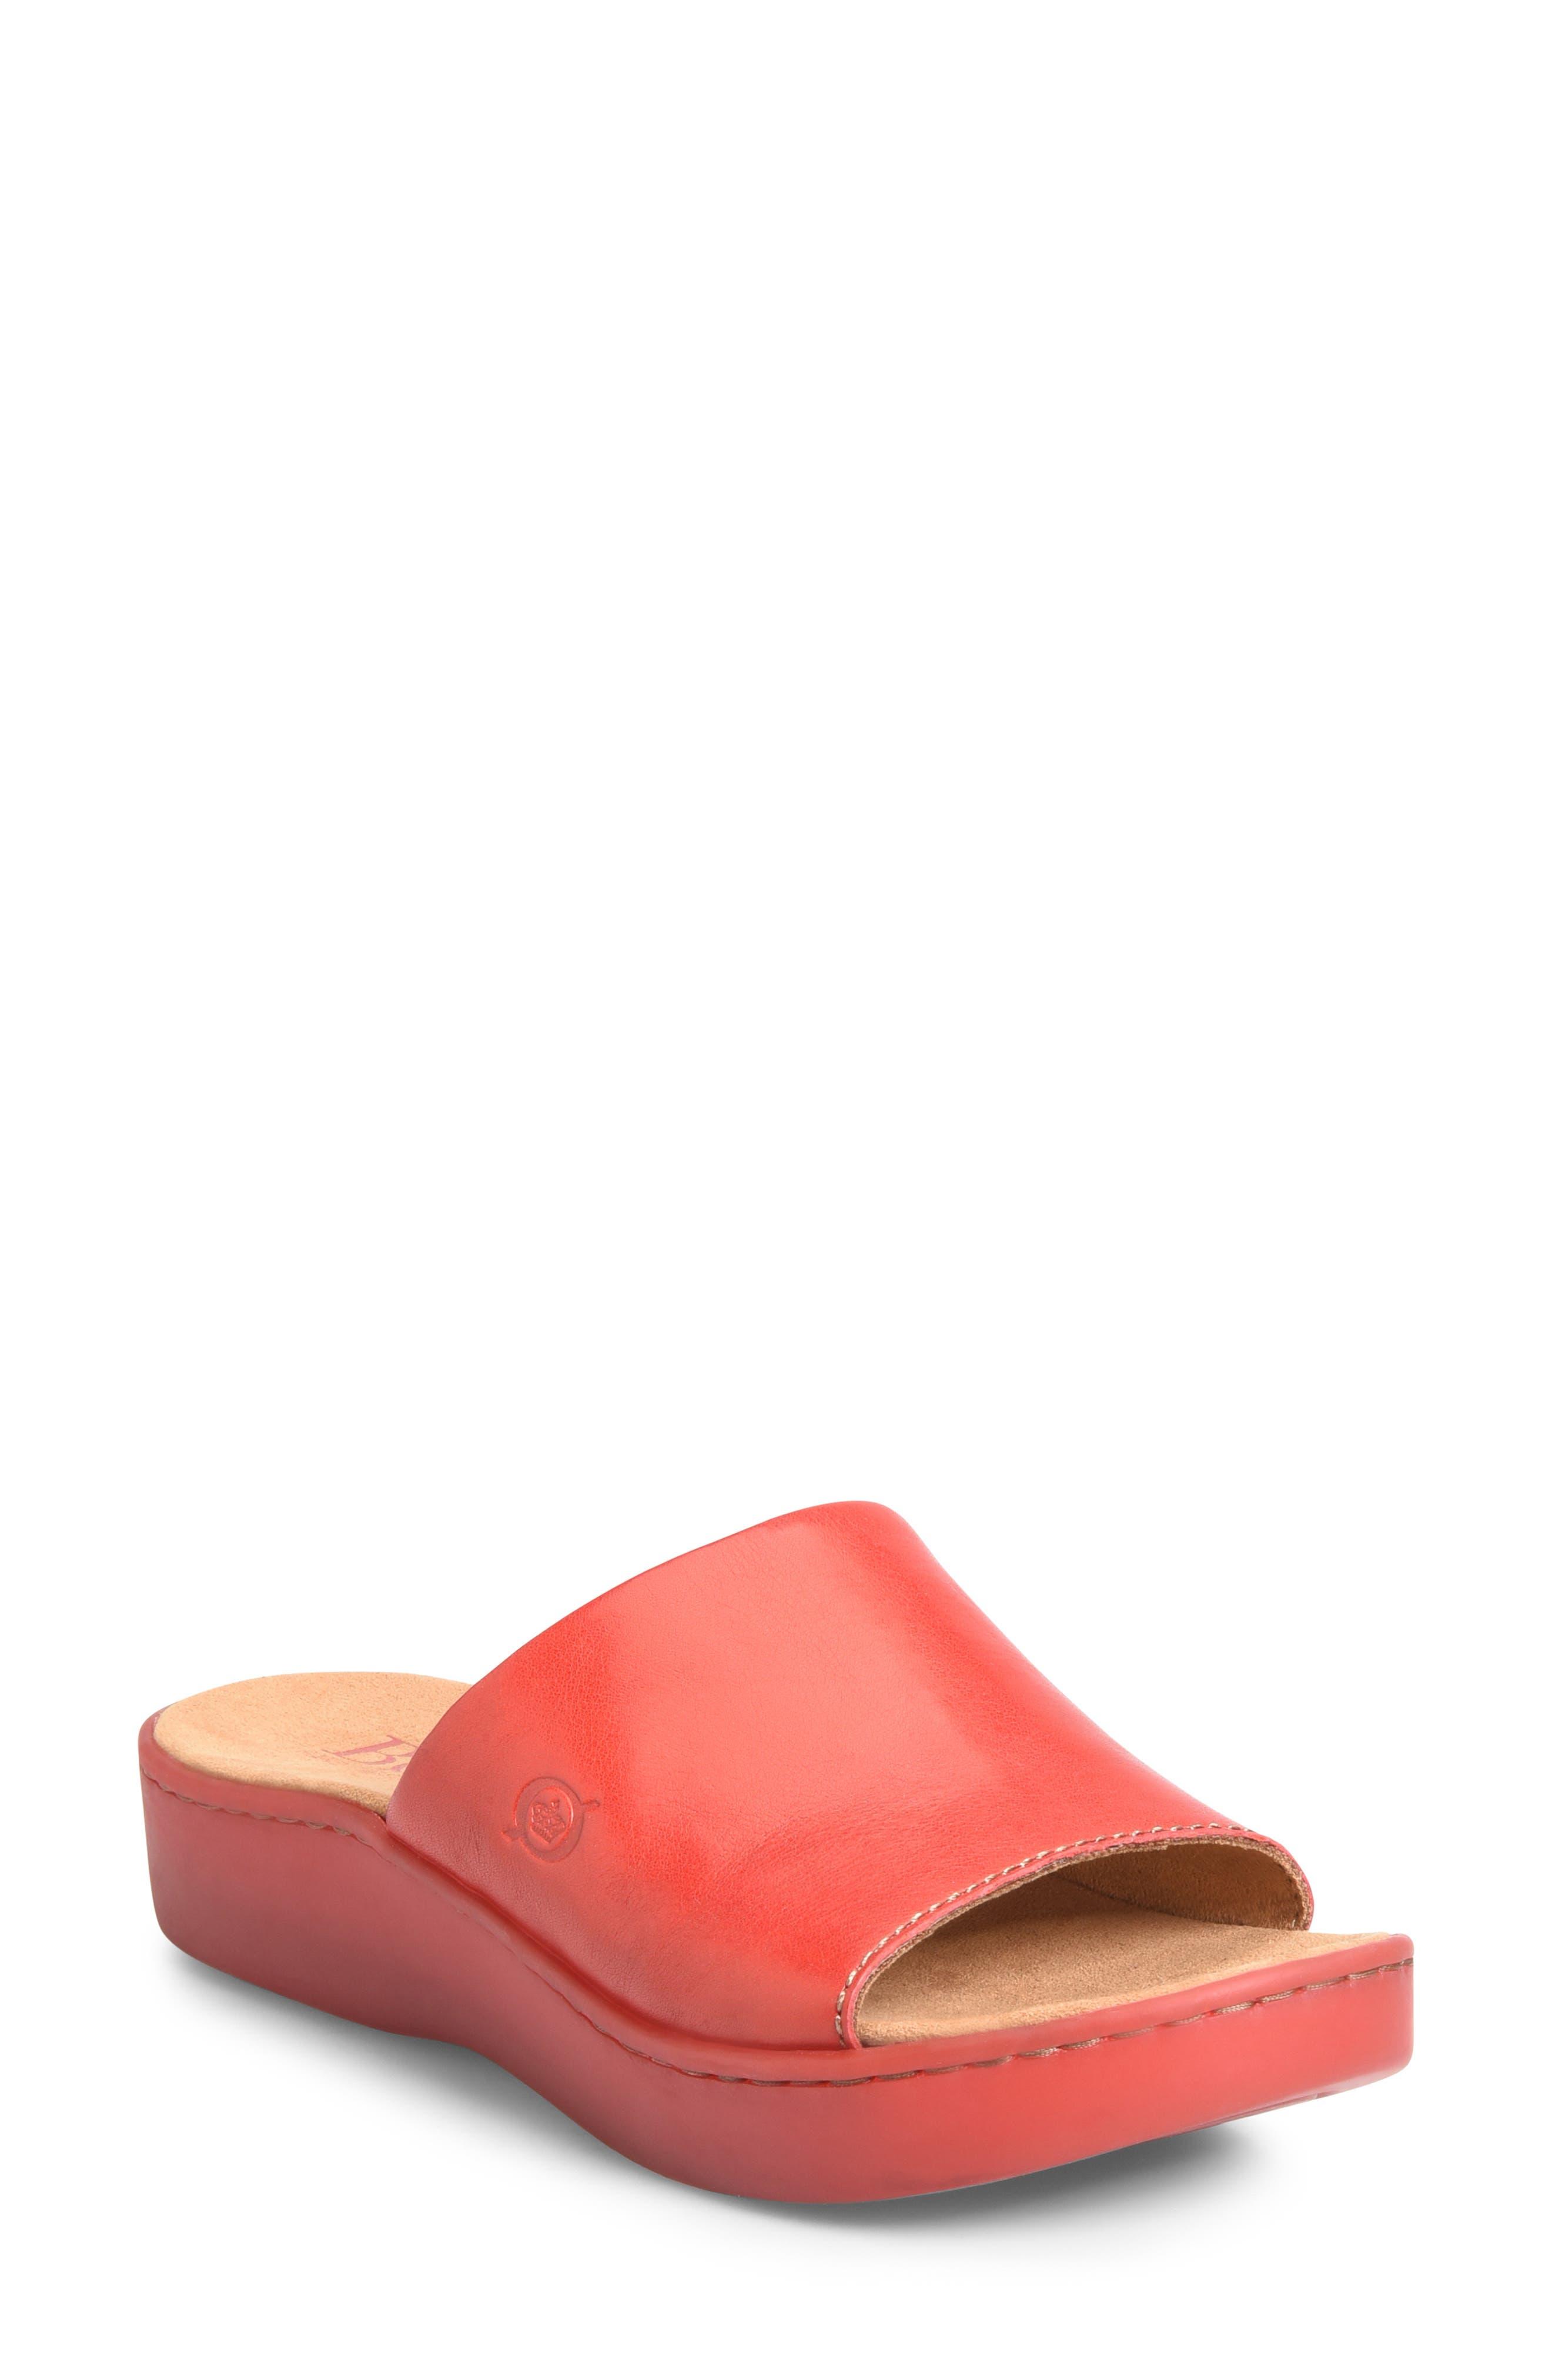 B?rn Ottawa Slide Sandal, Red